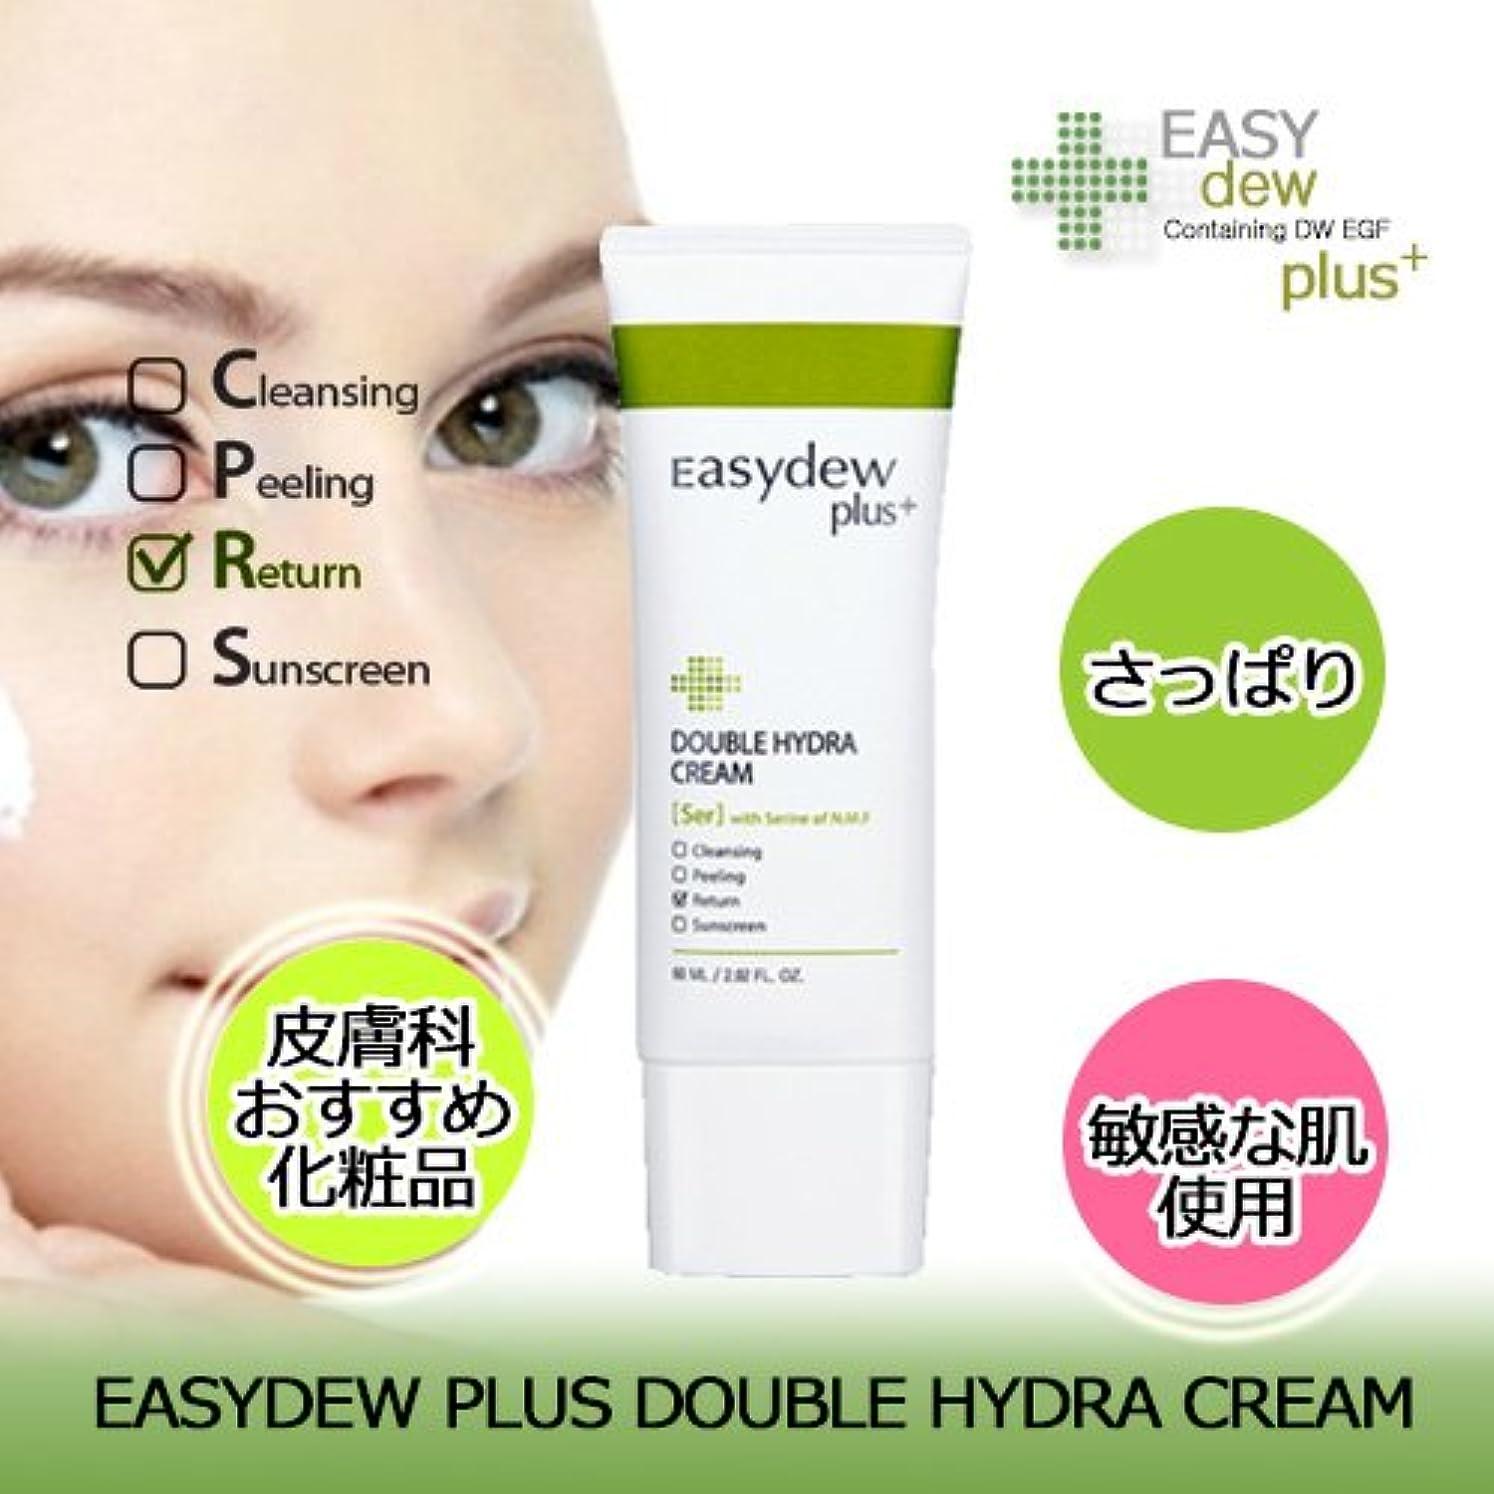 識字マージ蓋EASYDEW plus【イージーデュープラスダブルハイドラクリーム 60ml】 easydew plus double hydra cream 60ml